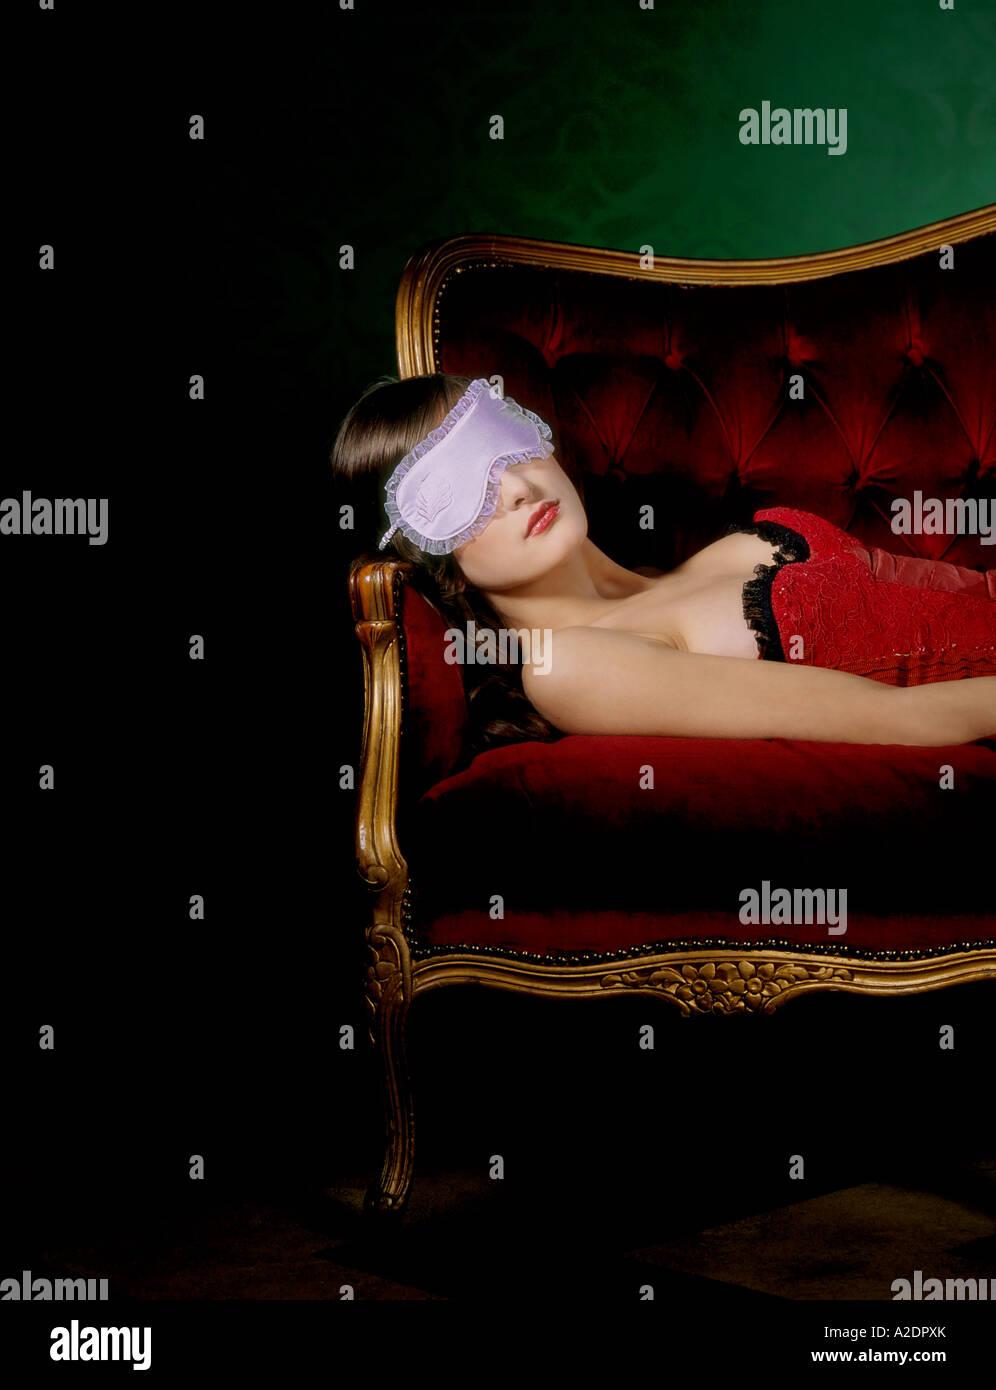 1217985 plana interior habitación salón joven morena 25 30 top rojo corsé mentira sofá cama, Imagen De Stock